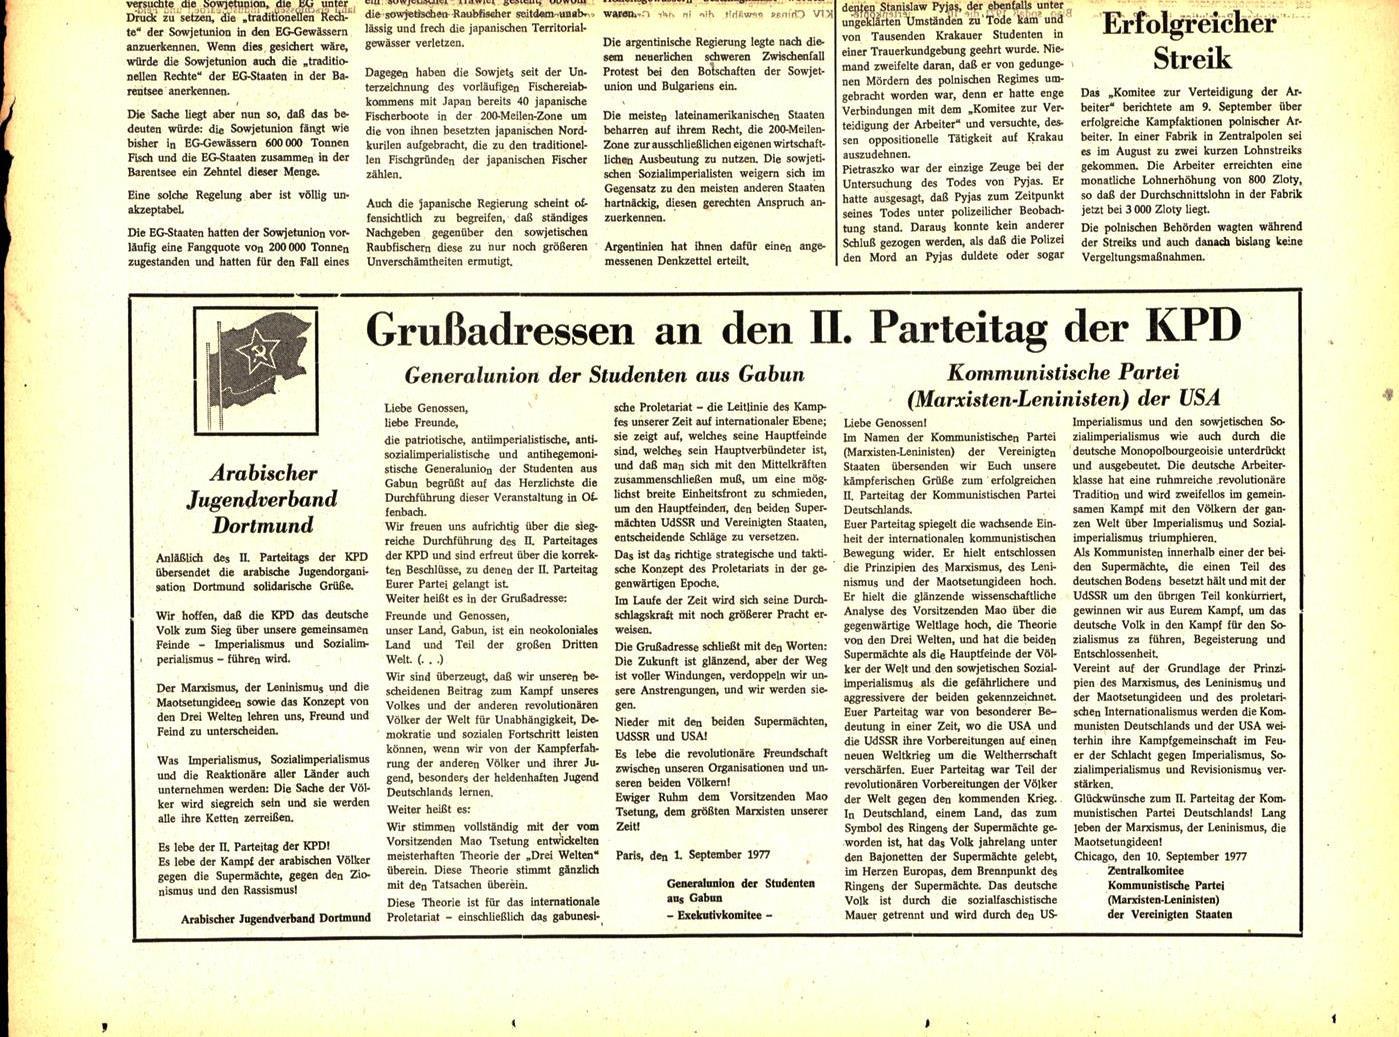 KPD_RF_1977_40_20